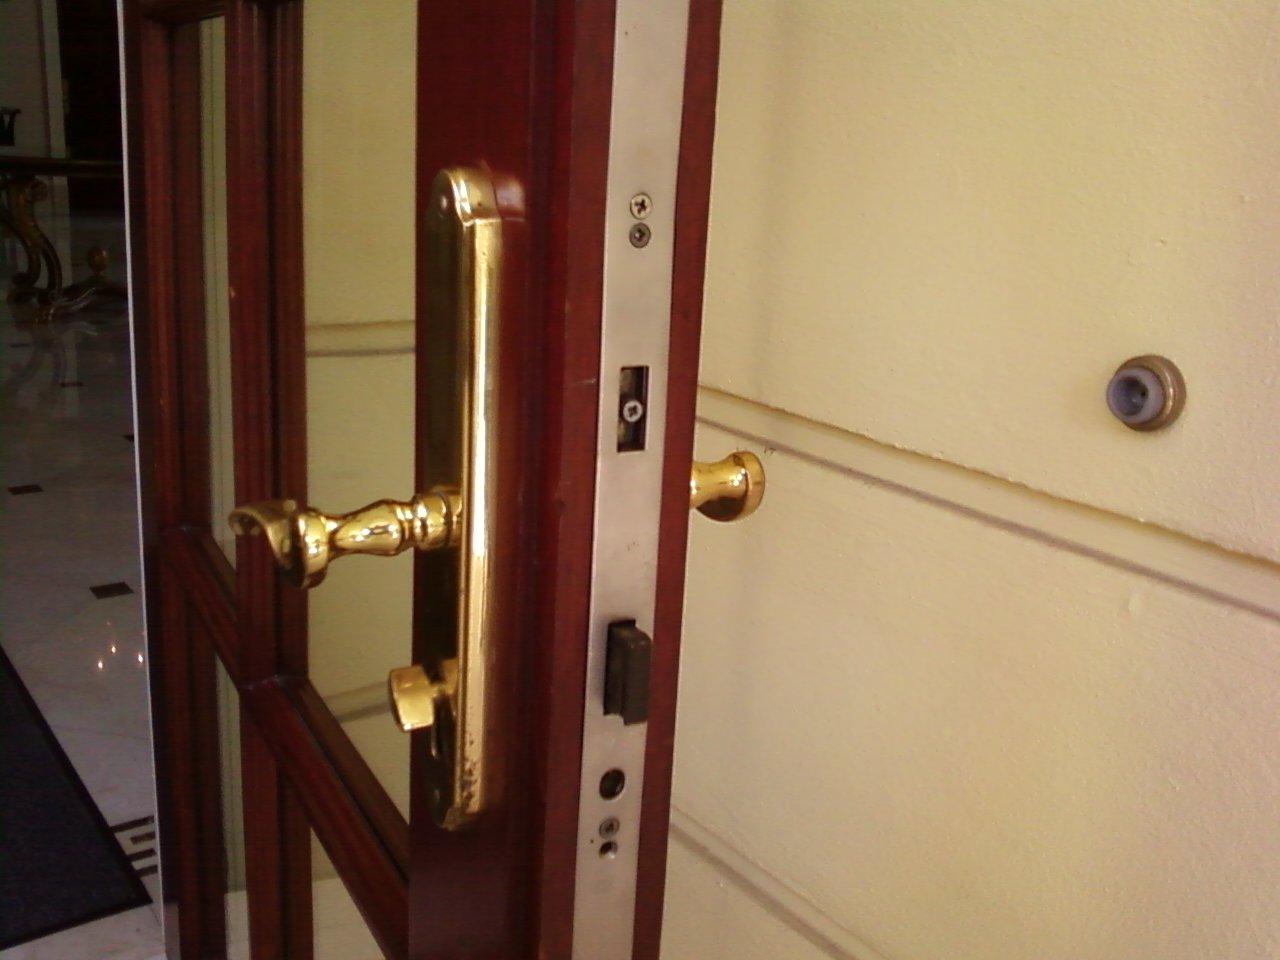 Strange Door Locked By Itself Glitch In The Matrix